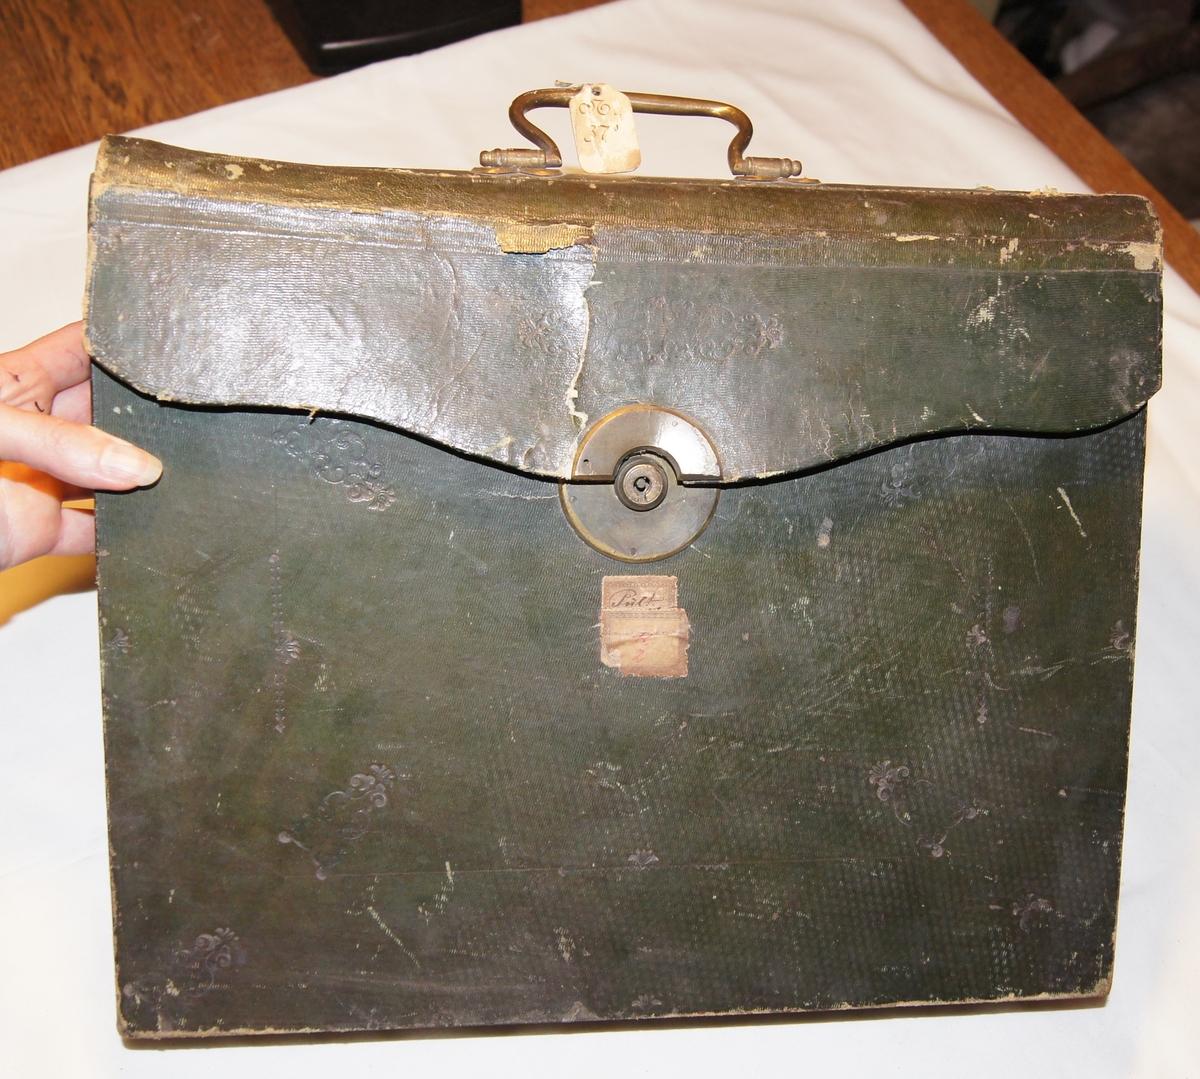 Mobilt kontor. Sammenleggbar trekoffert som blir til et lite skrivebord når den foldes ut. Kofferten har også små rom for oppbevaring av papirer og skrivesaker.